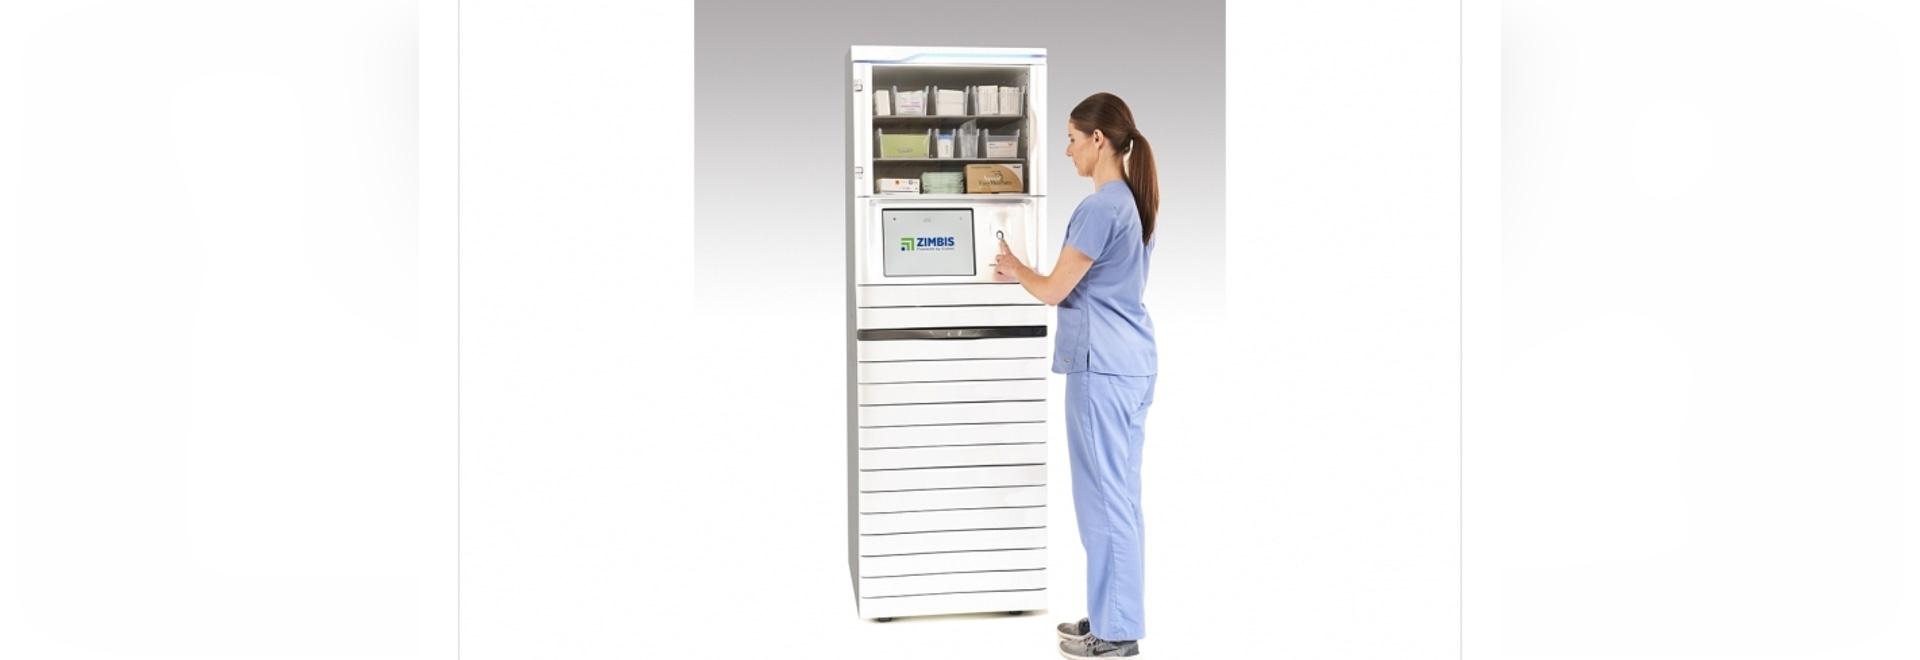 Les armoires sont dotées d'un système de distribution automatisé pour réduire les coûts